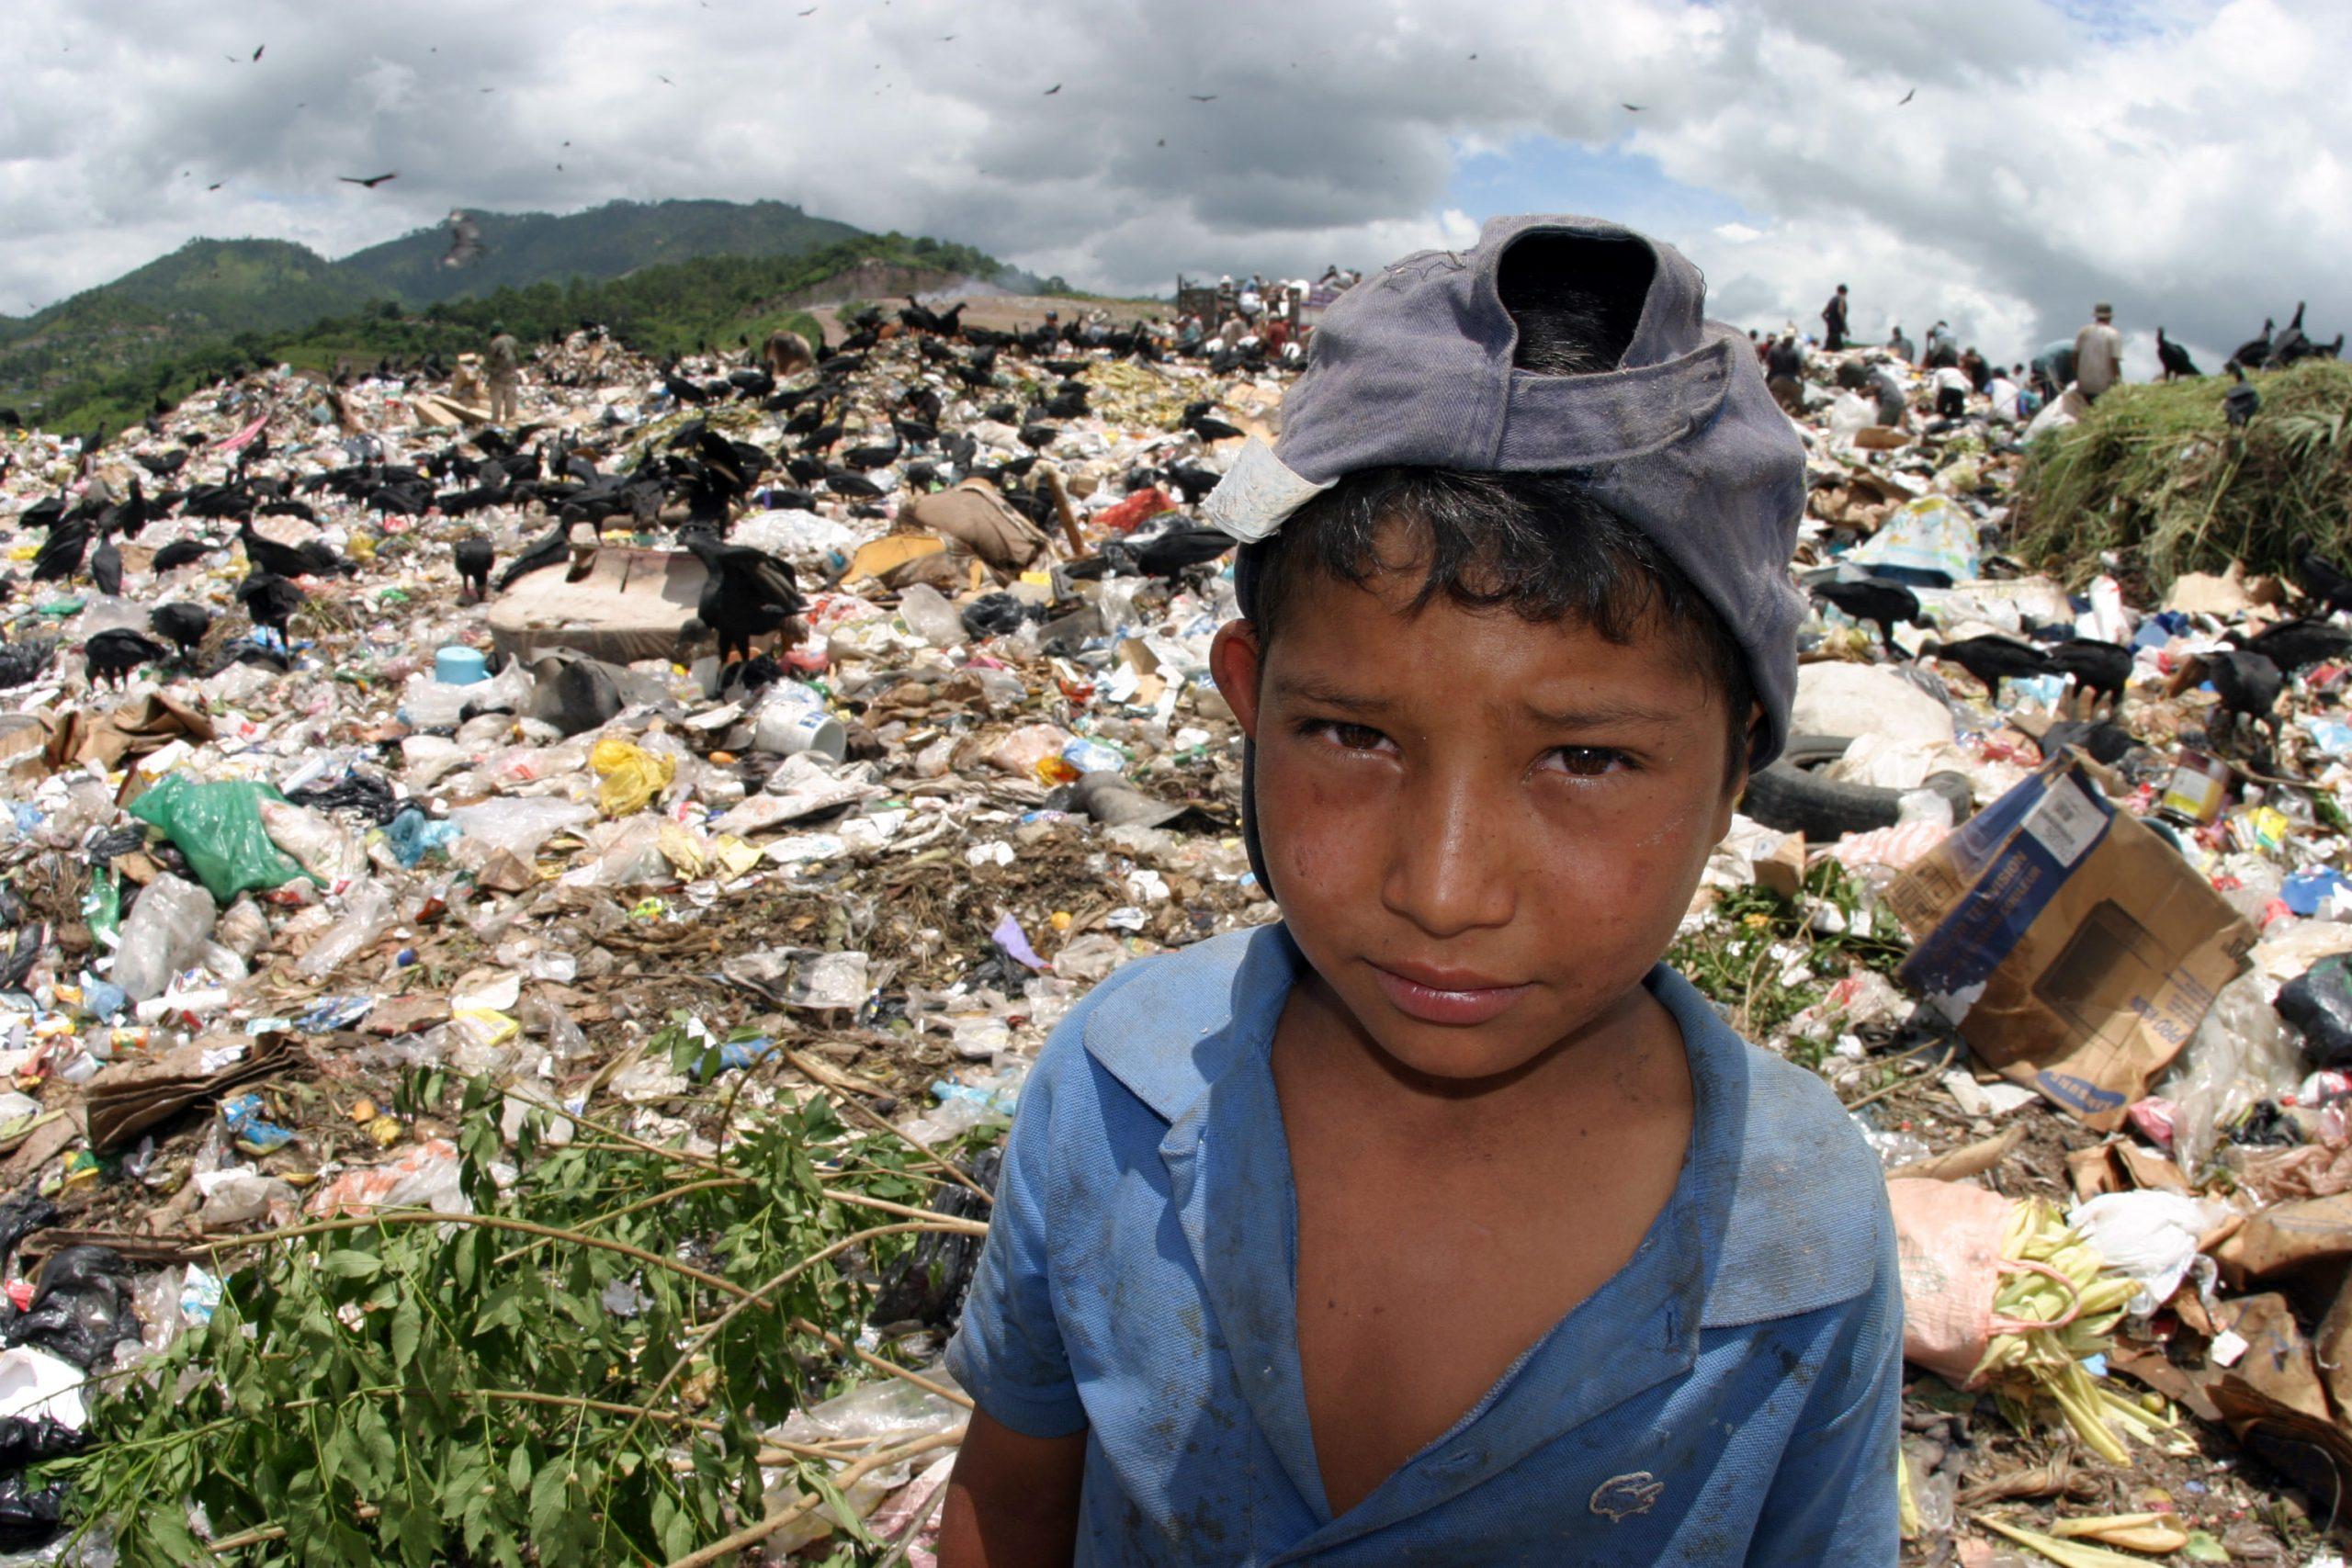 Pobreza infantil en América Latina - Honduras